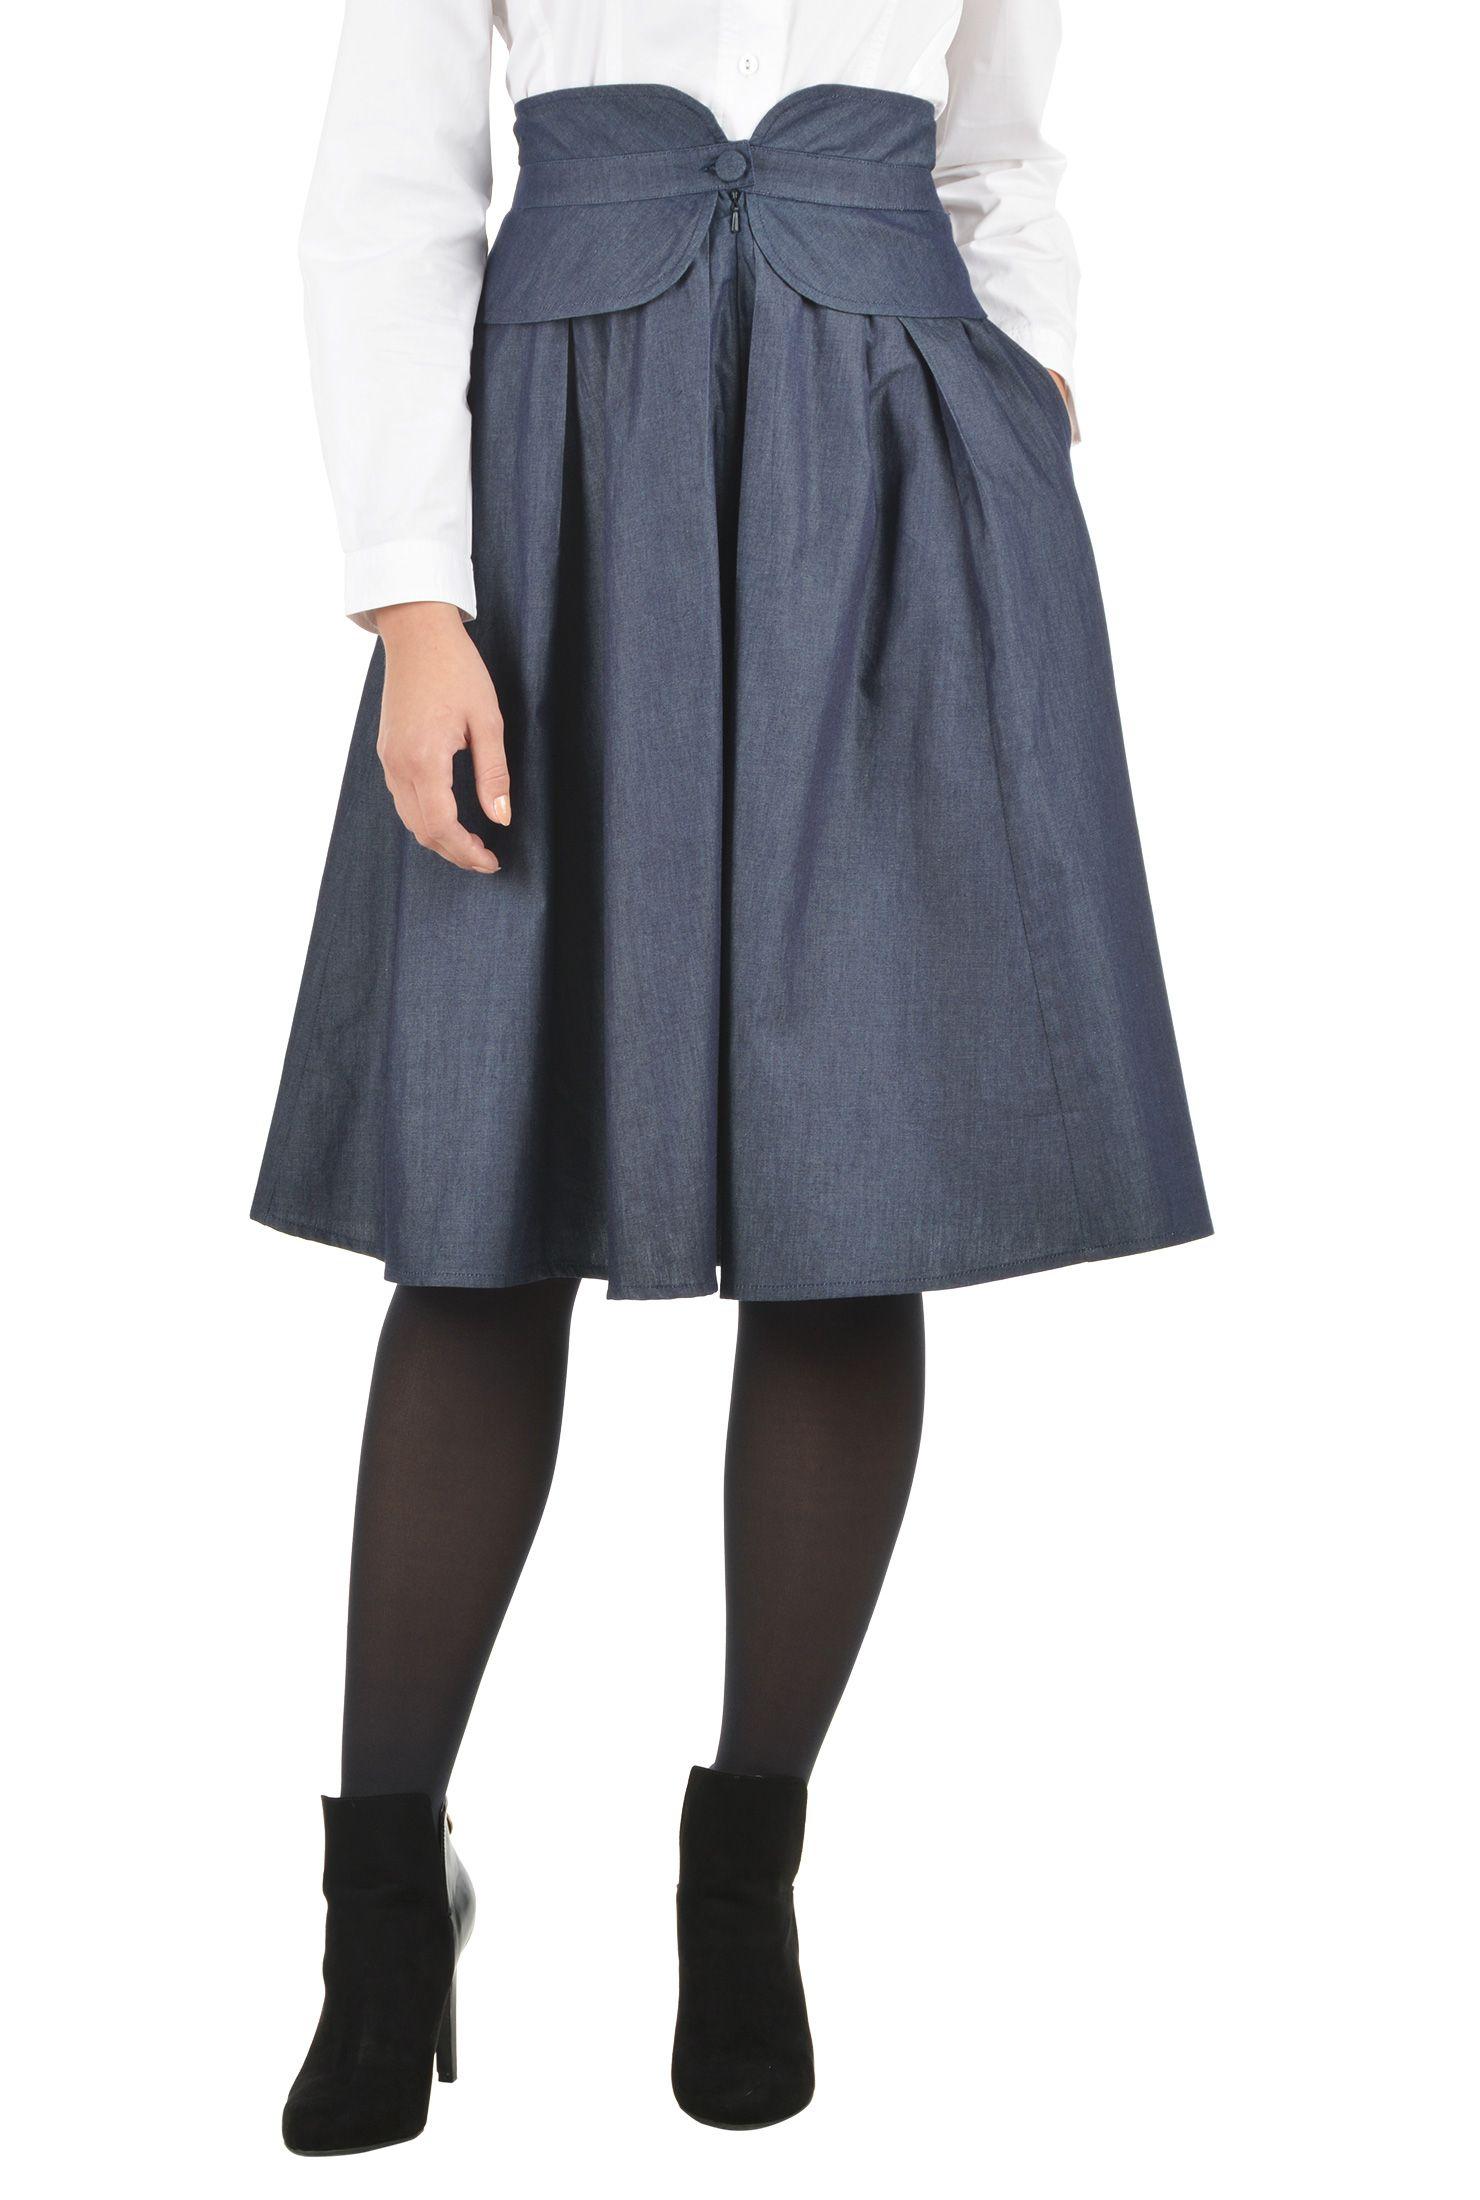 Cotton chambray peplum skirt | Chambray skirt, Box pleats and Chambray